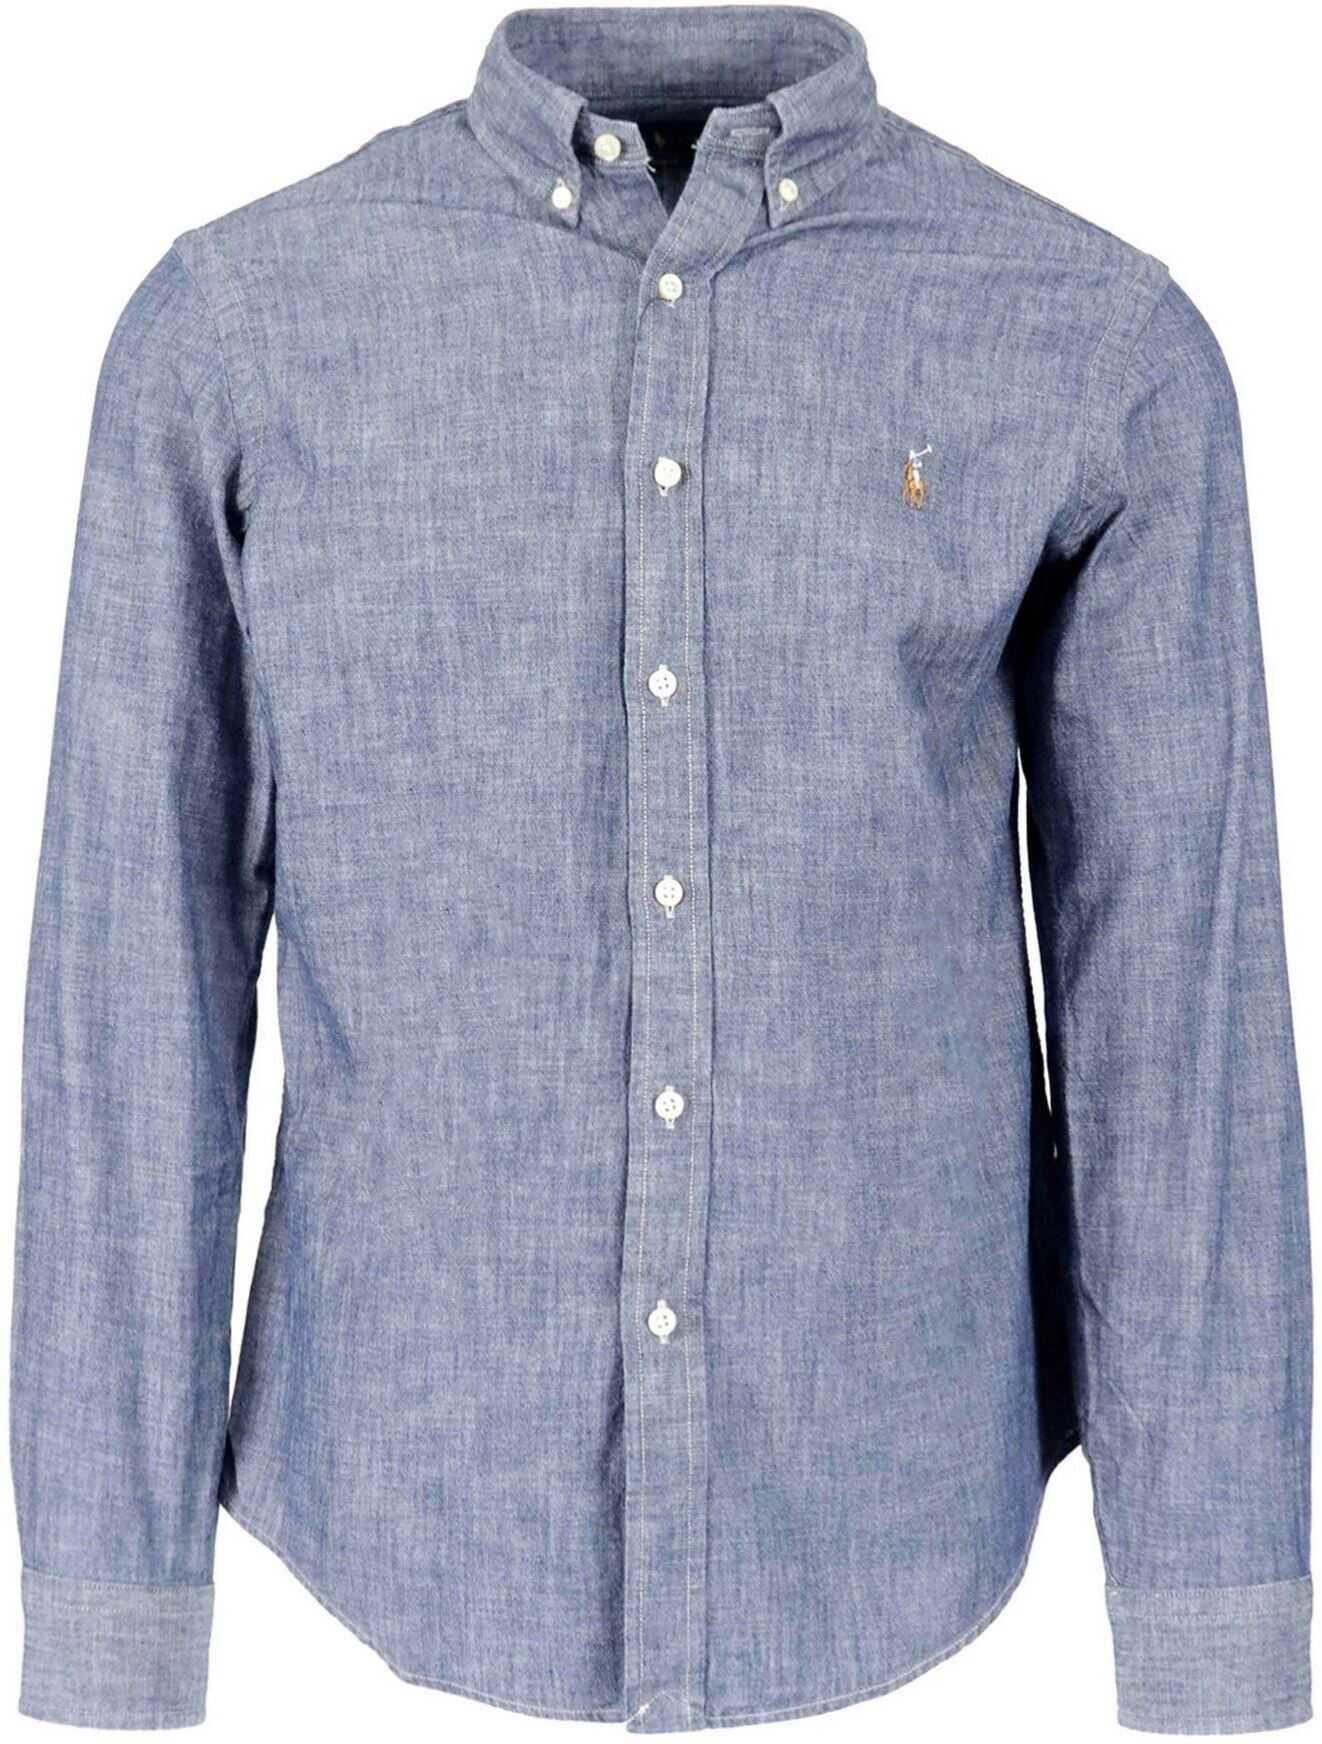 Ralph Lauren Denim Effect Cotton Shirt Light Blue imagine